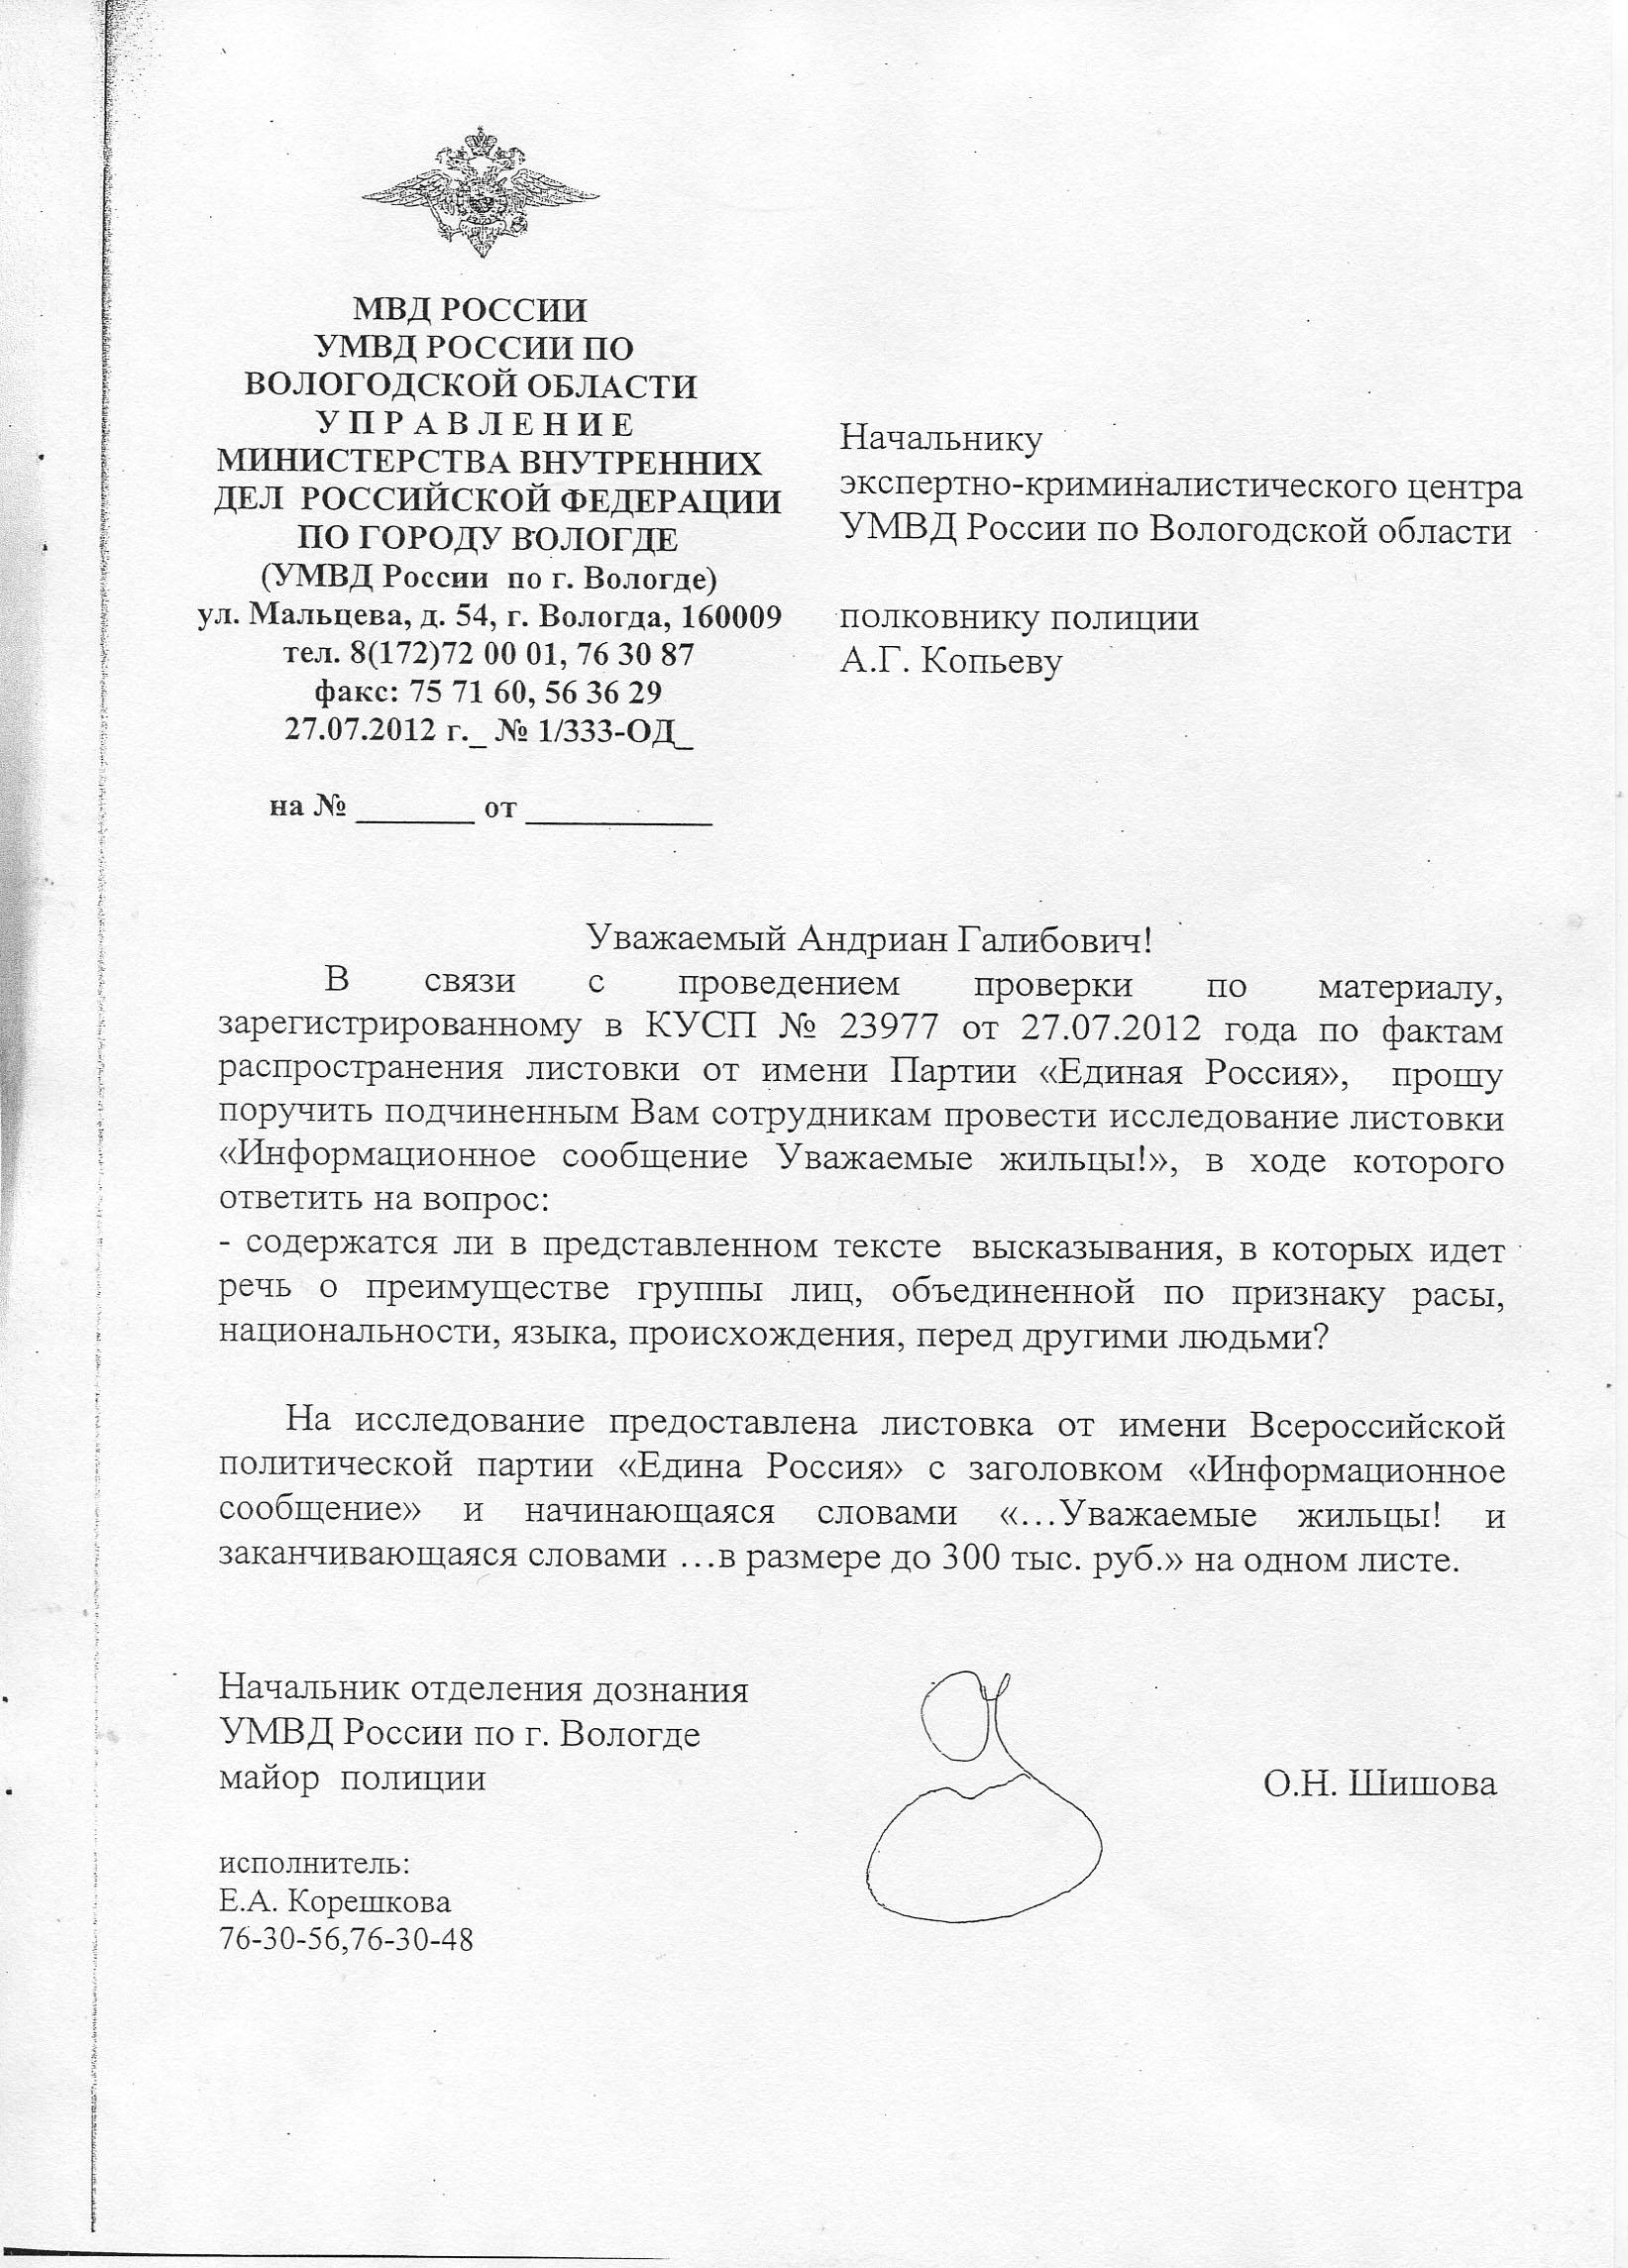 Материалы УД по листовке ЕР_Движение Вместе-59